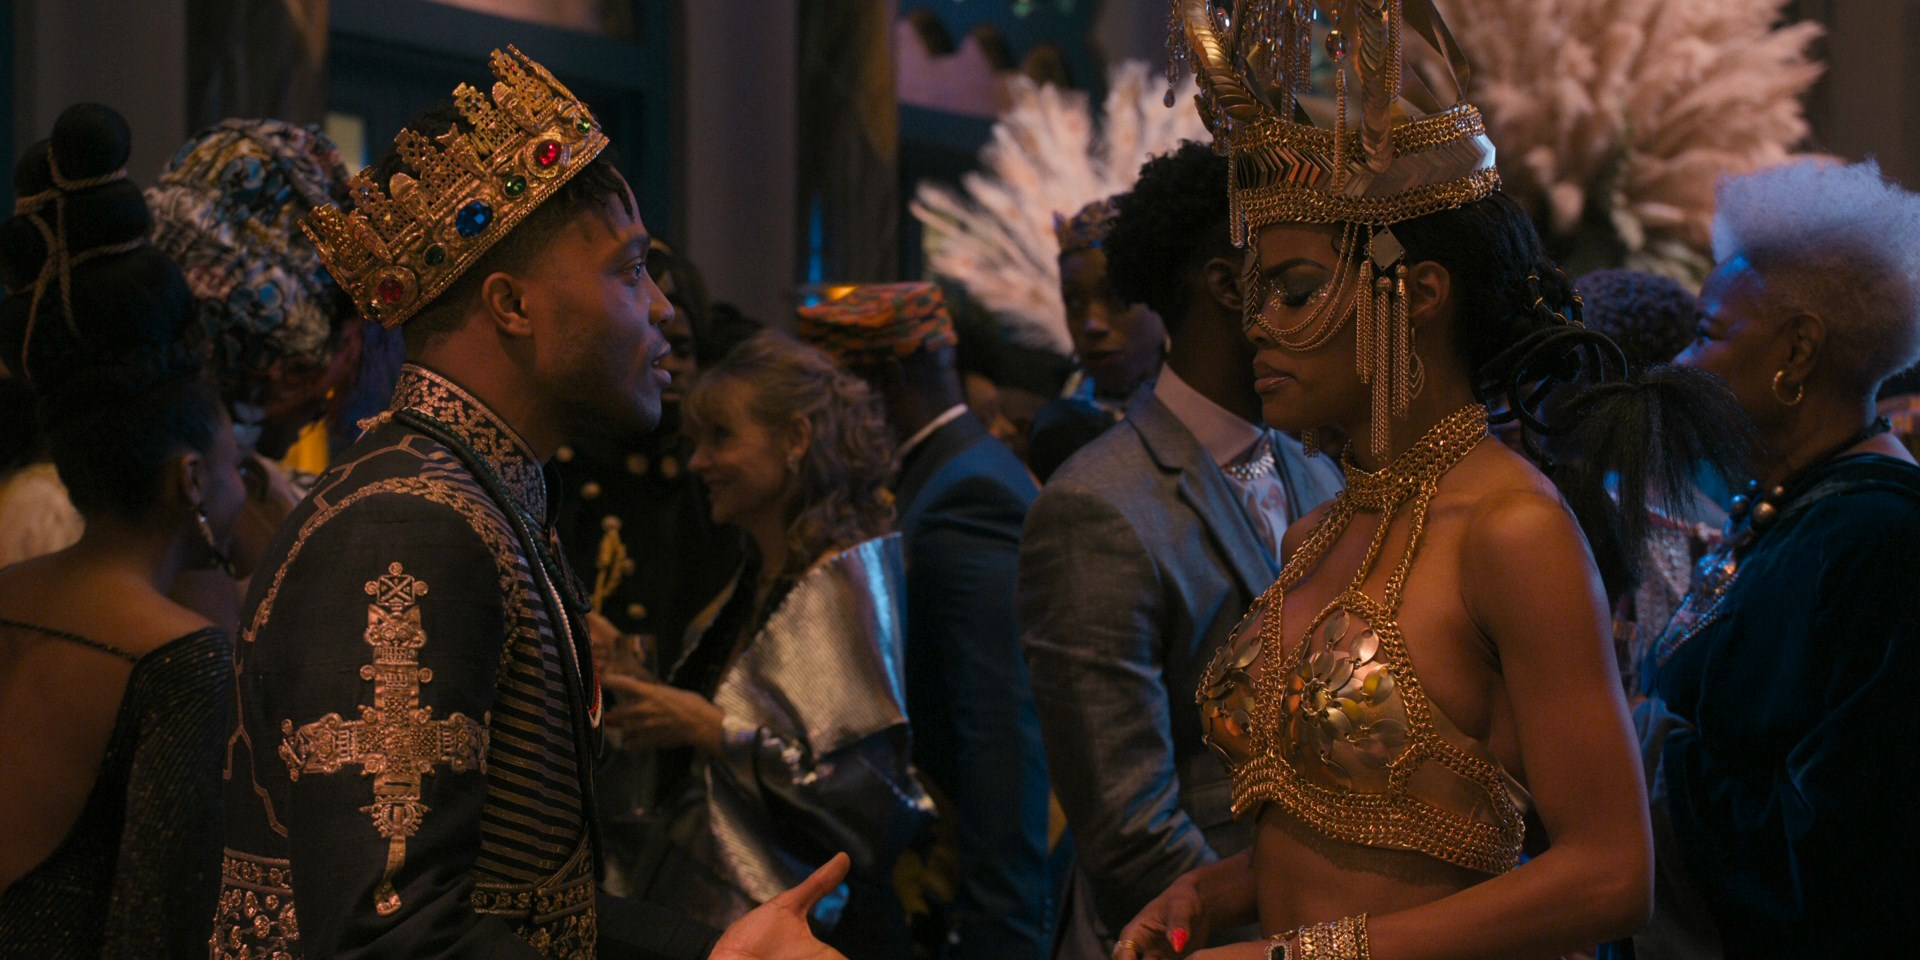 Un príncipe en Nueva York 2 (2021) 1080p WEB-DL AMZN Latino